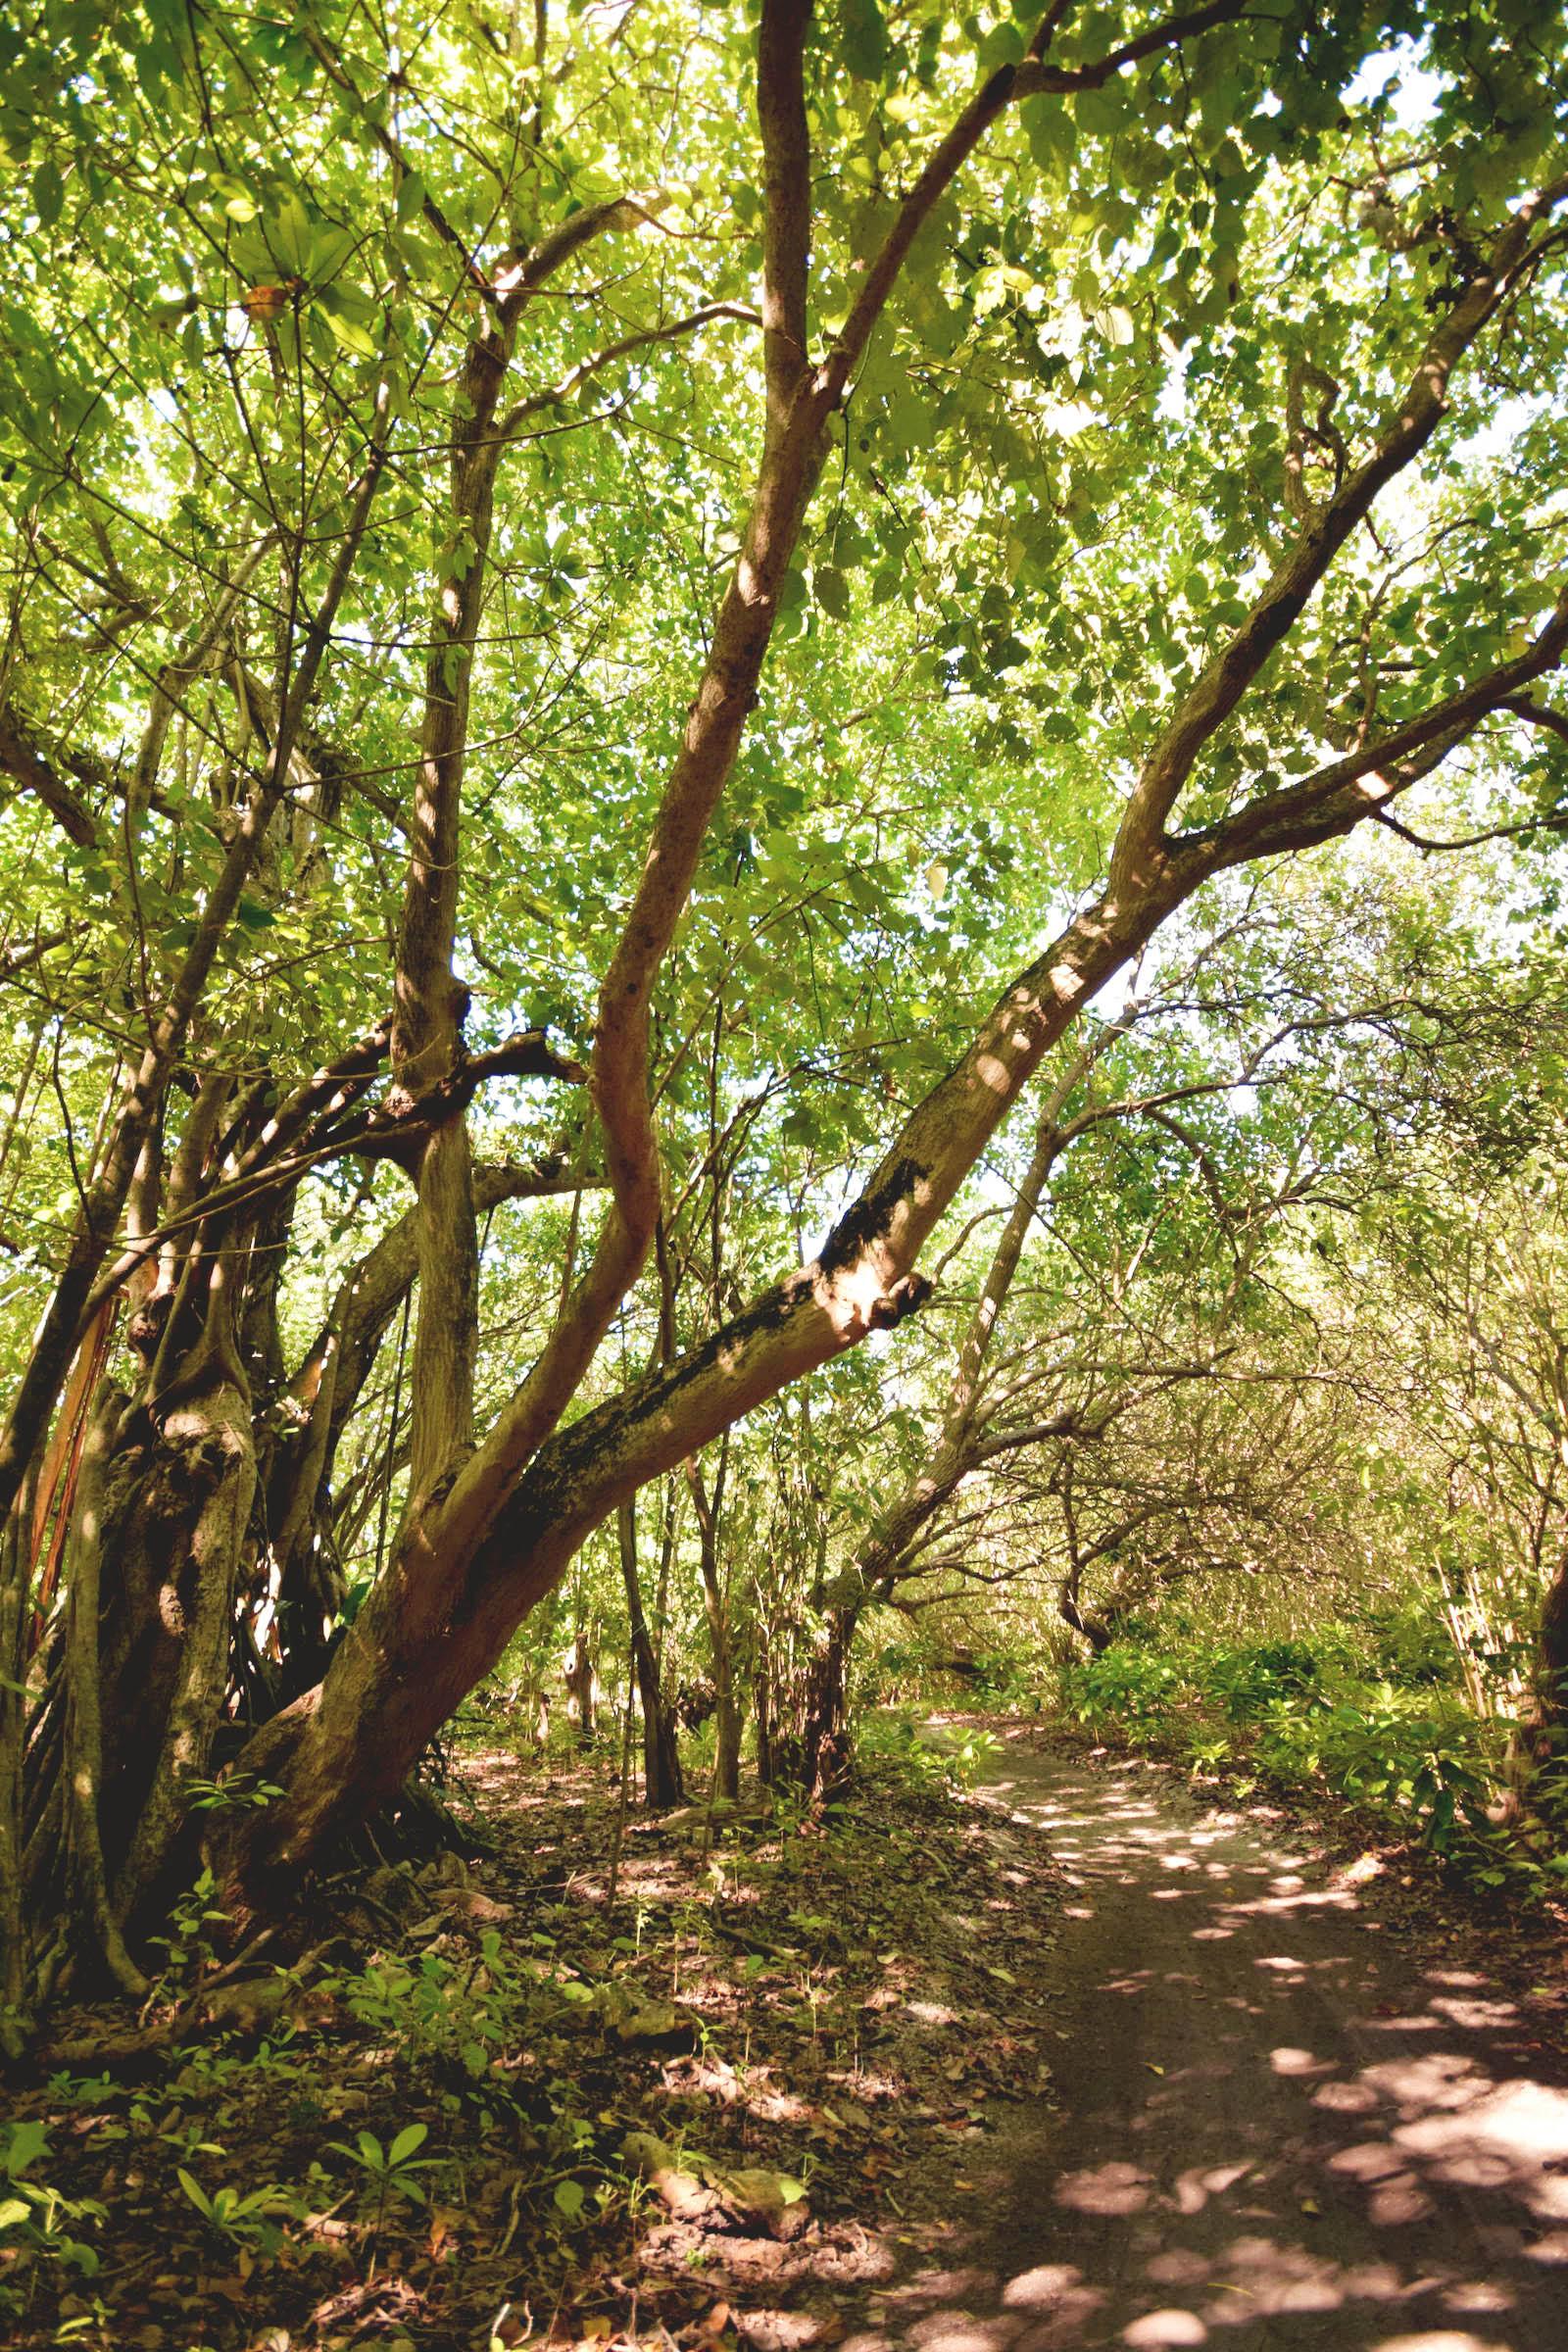 Addu-Atoll-Forest